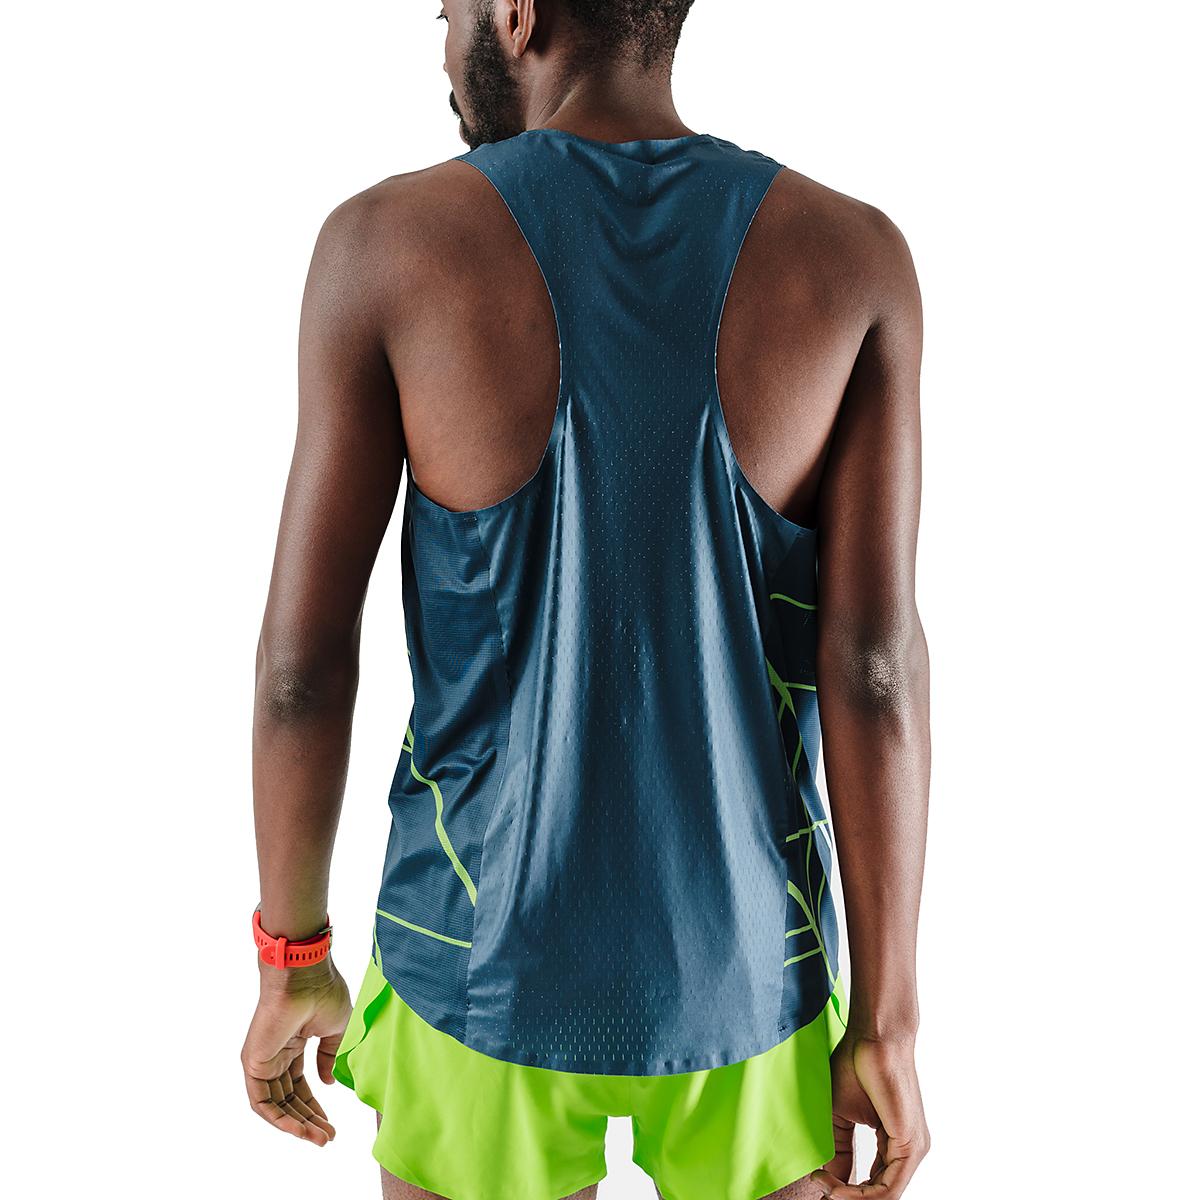 Men's Rabbit Speedeez Singlet - Color: Dress Blues/Green Gecko - Size: XS, Dress Blues/Green Gecko, large, image 2